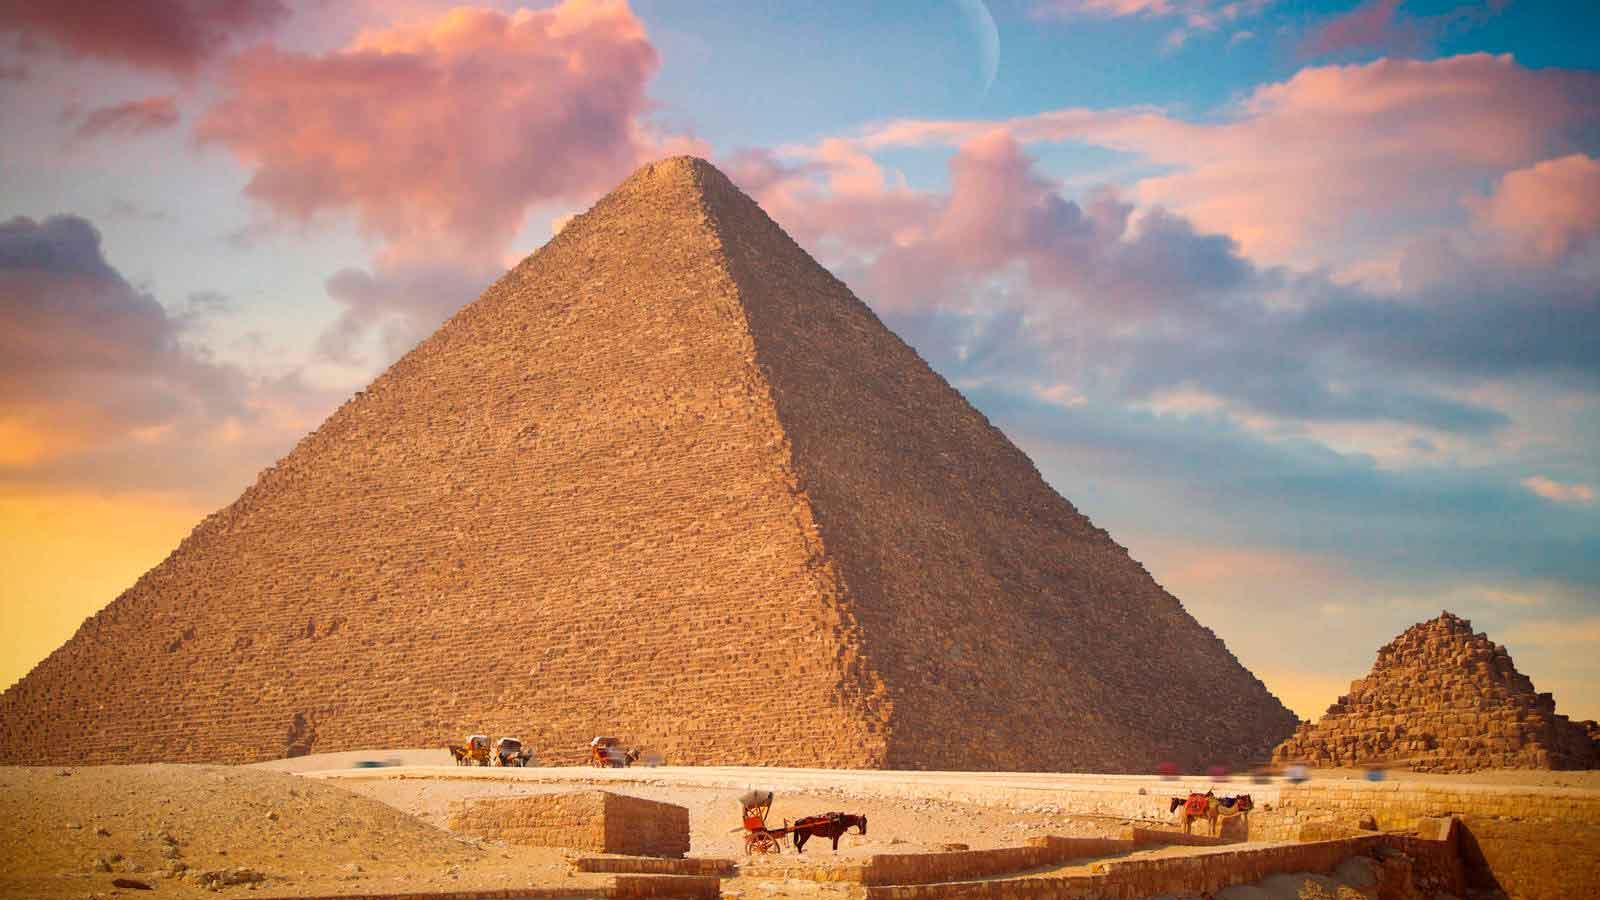 La Gran Pirámide de Giza, una de las 7 Maravillas